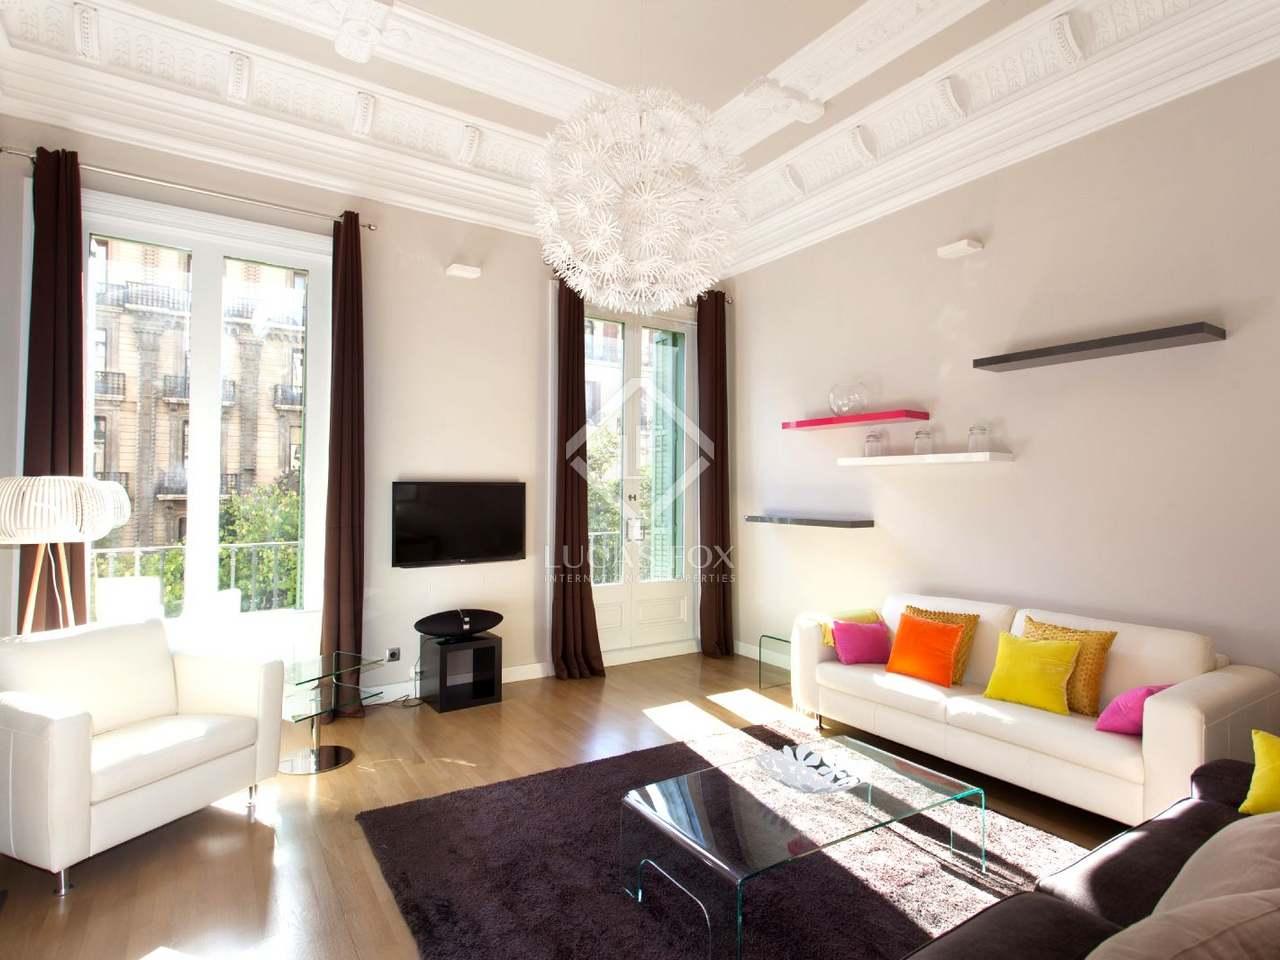 Appartement en vente donnant sur la rambla de catalunya barcelone - Appartement vente barcelone ...